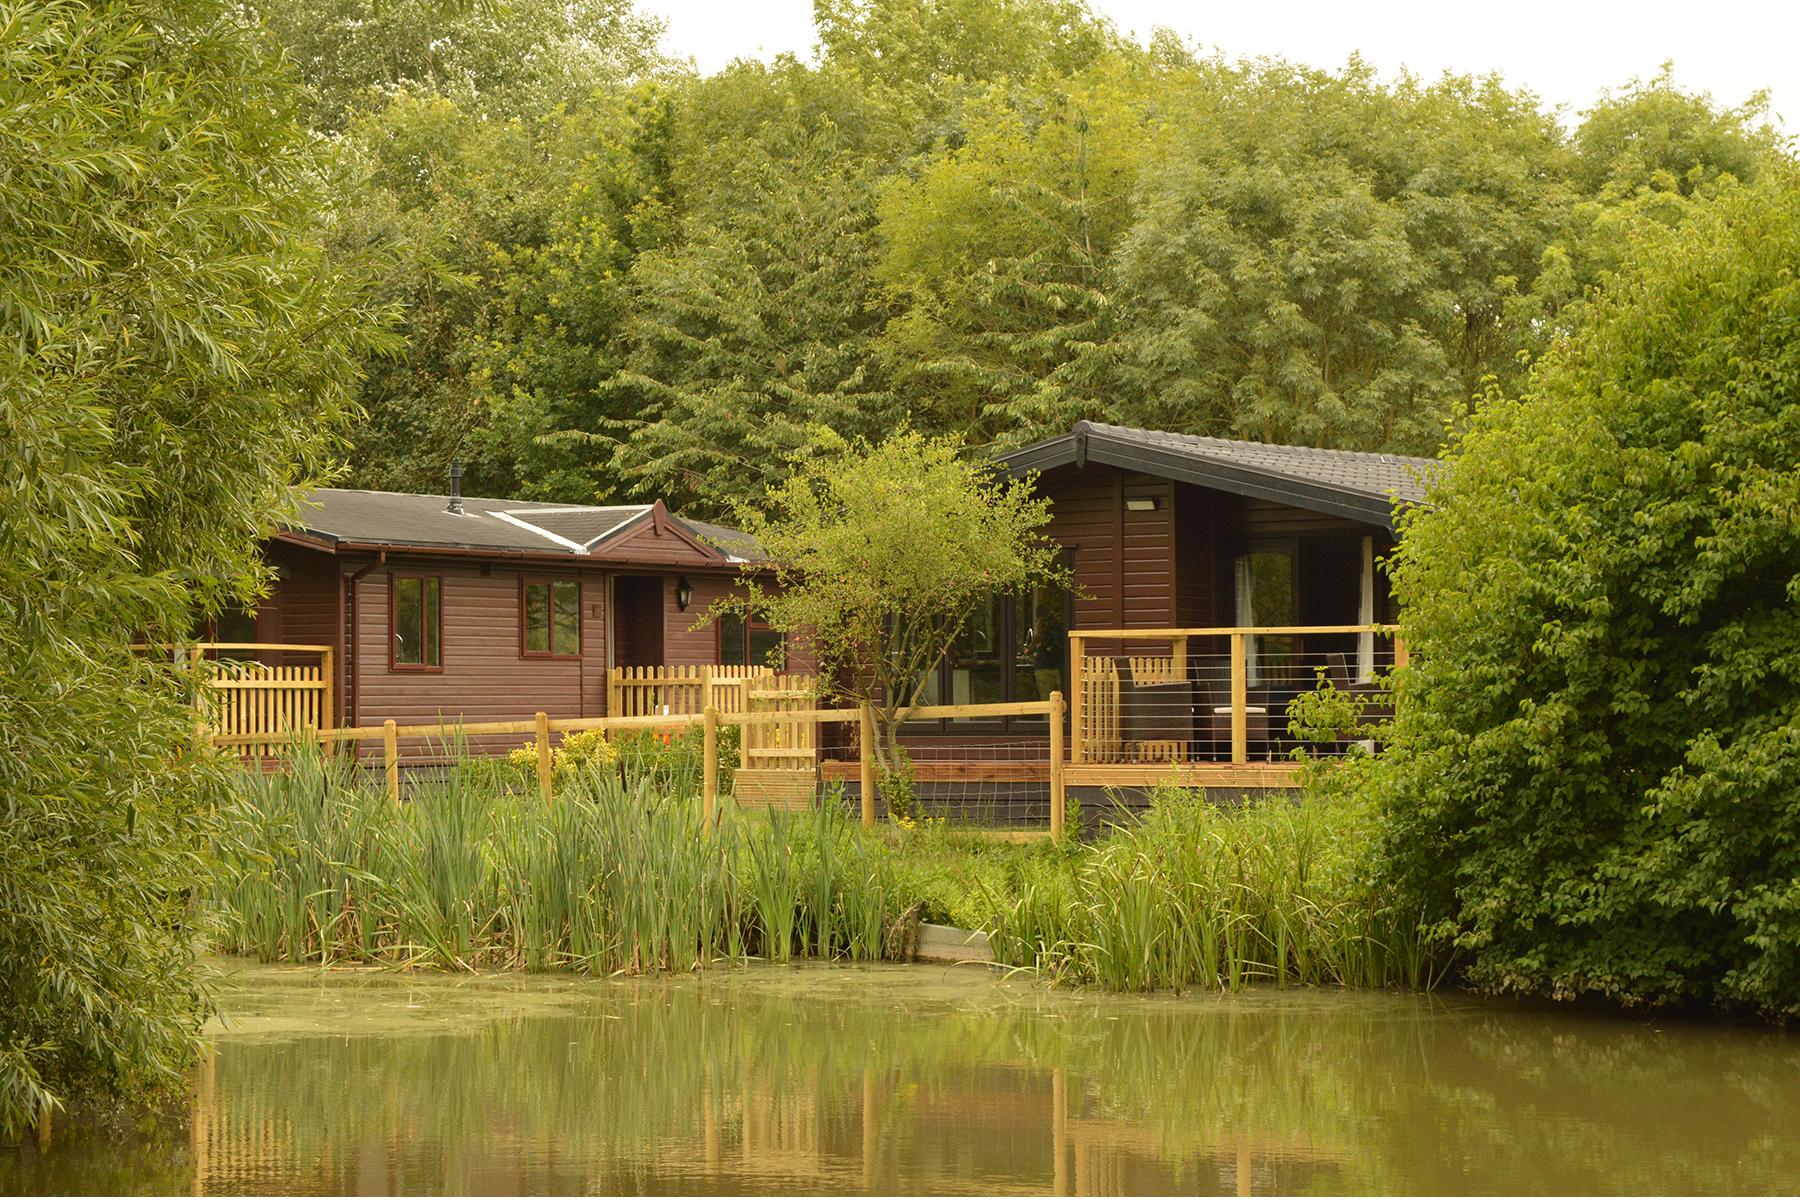 Lakeside lodges